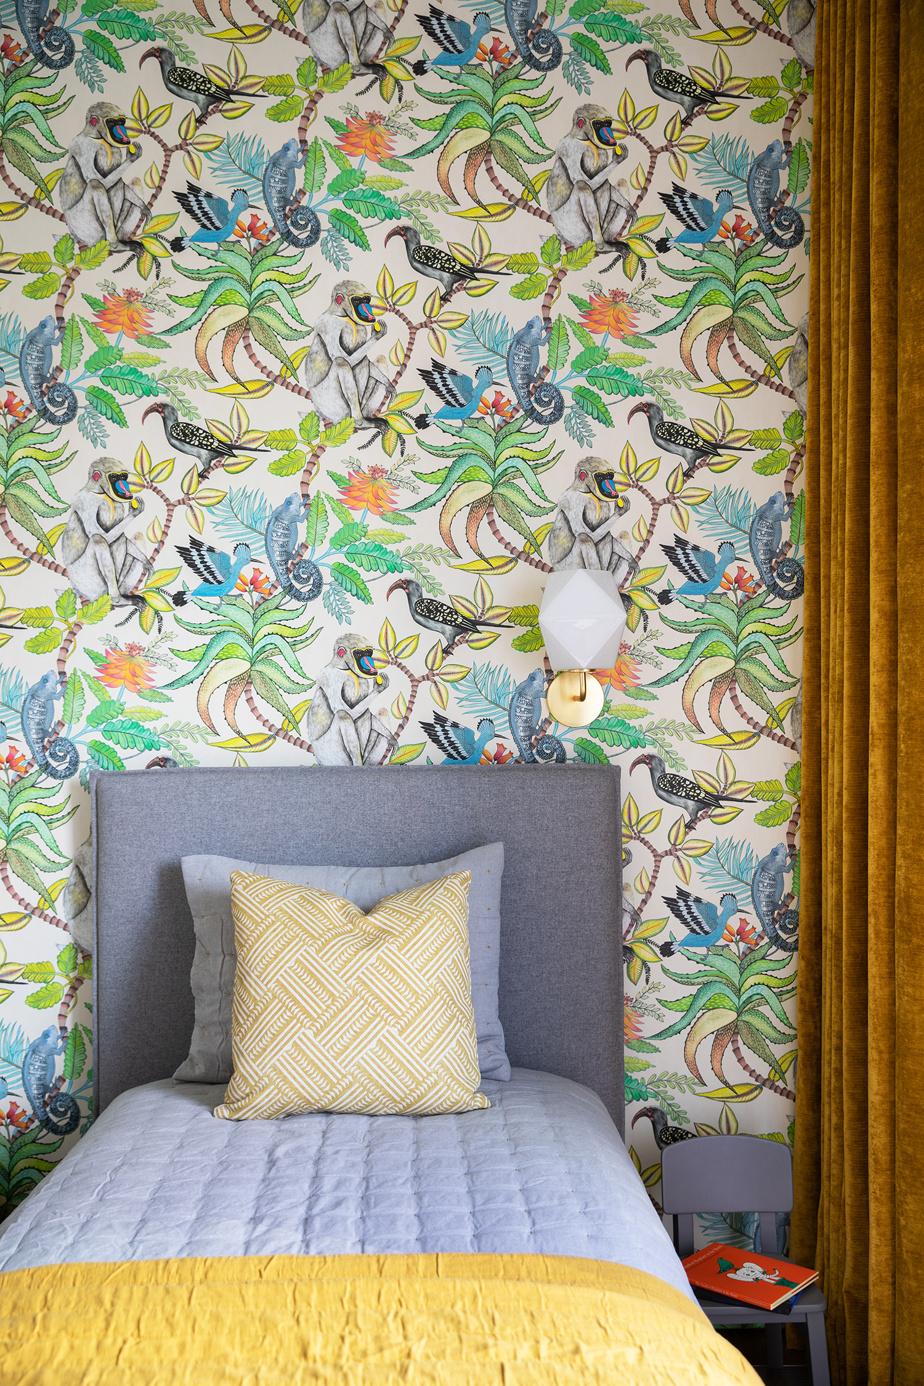 La tête du lit et sa base sont d'un gris neutre, qui passera à travers le temps, fait remarquer Richard Ouellette, de l'agence Les Ensembliers. La chambre d'enfant est égayée par le couvre-lit jaune et le papier-peint coloré.